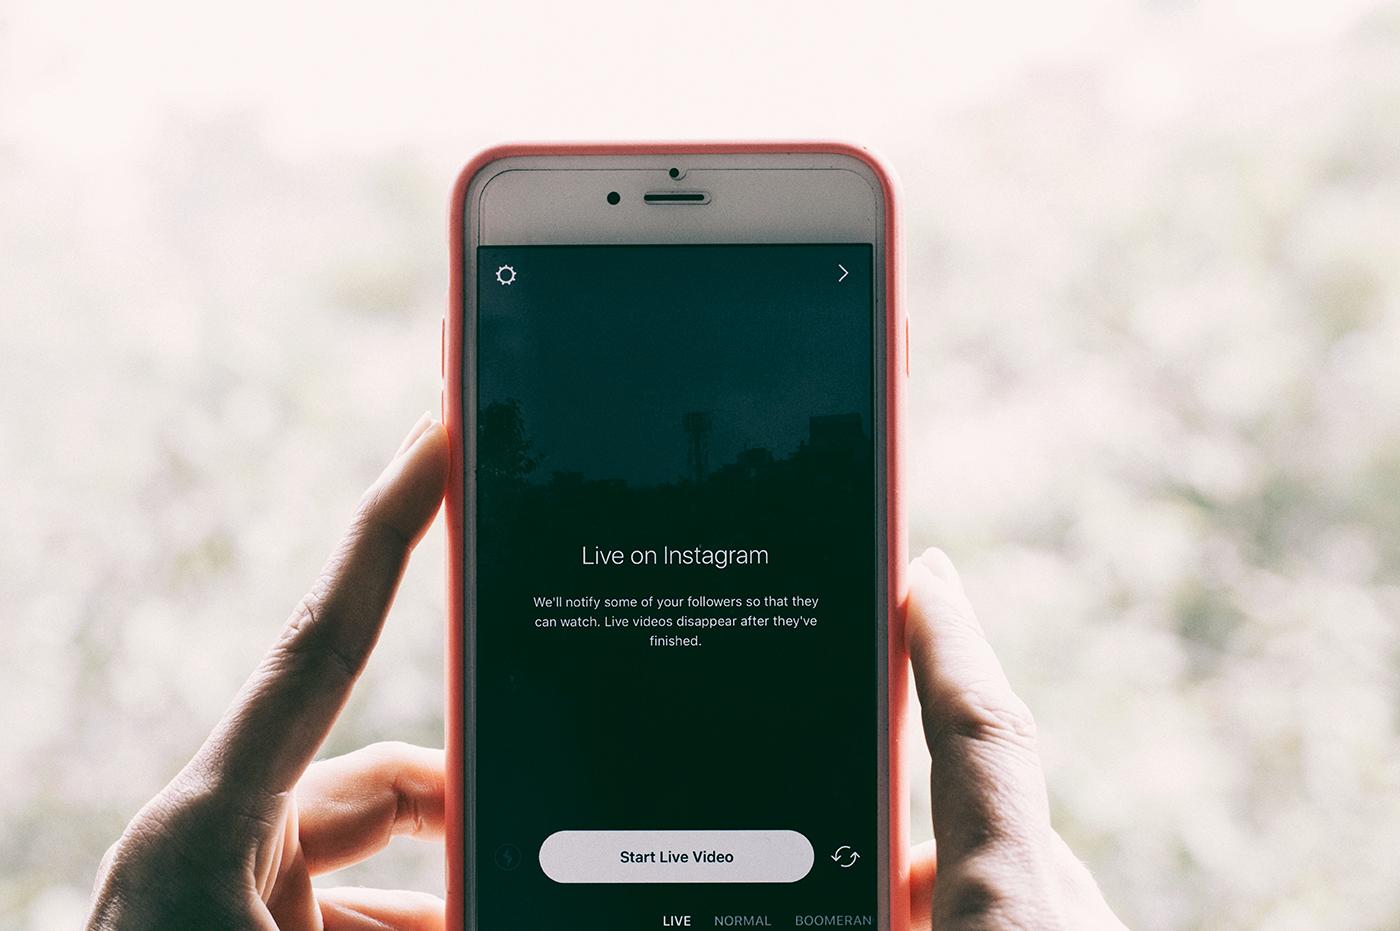 Instagram content optimizatio